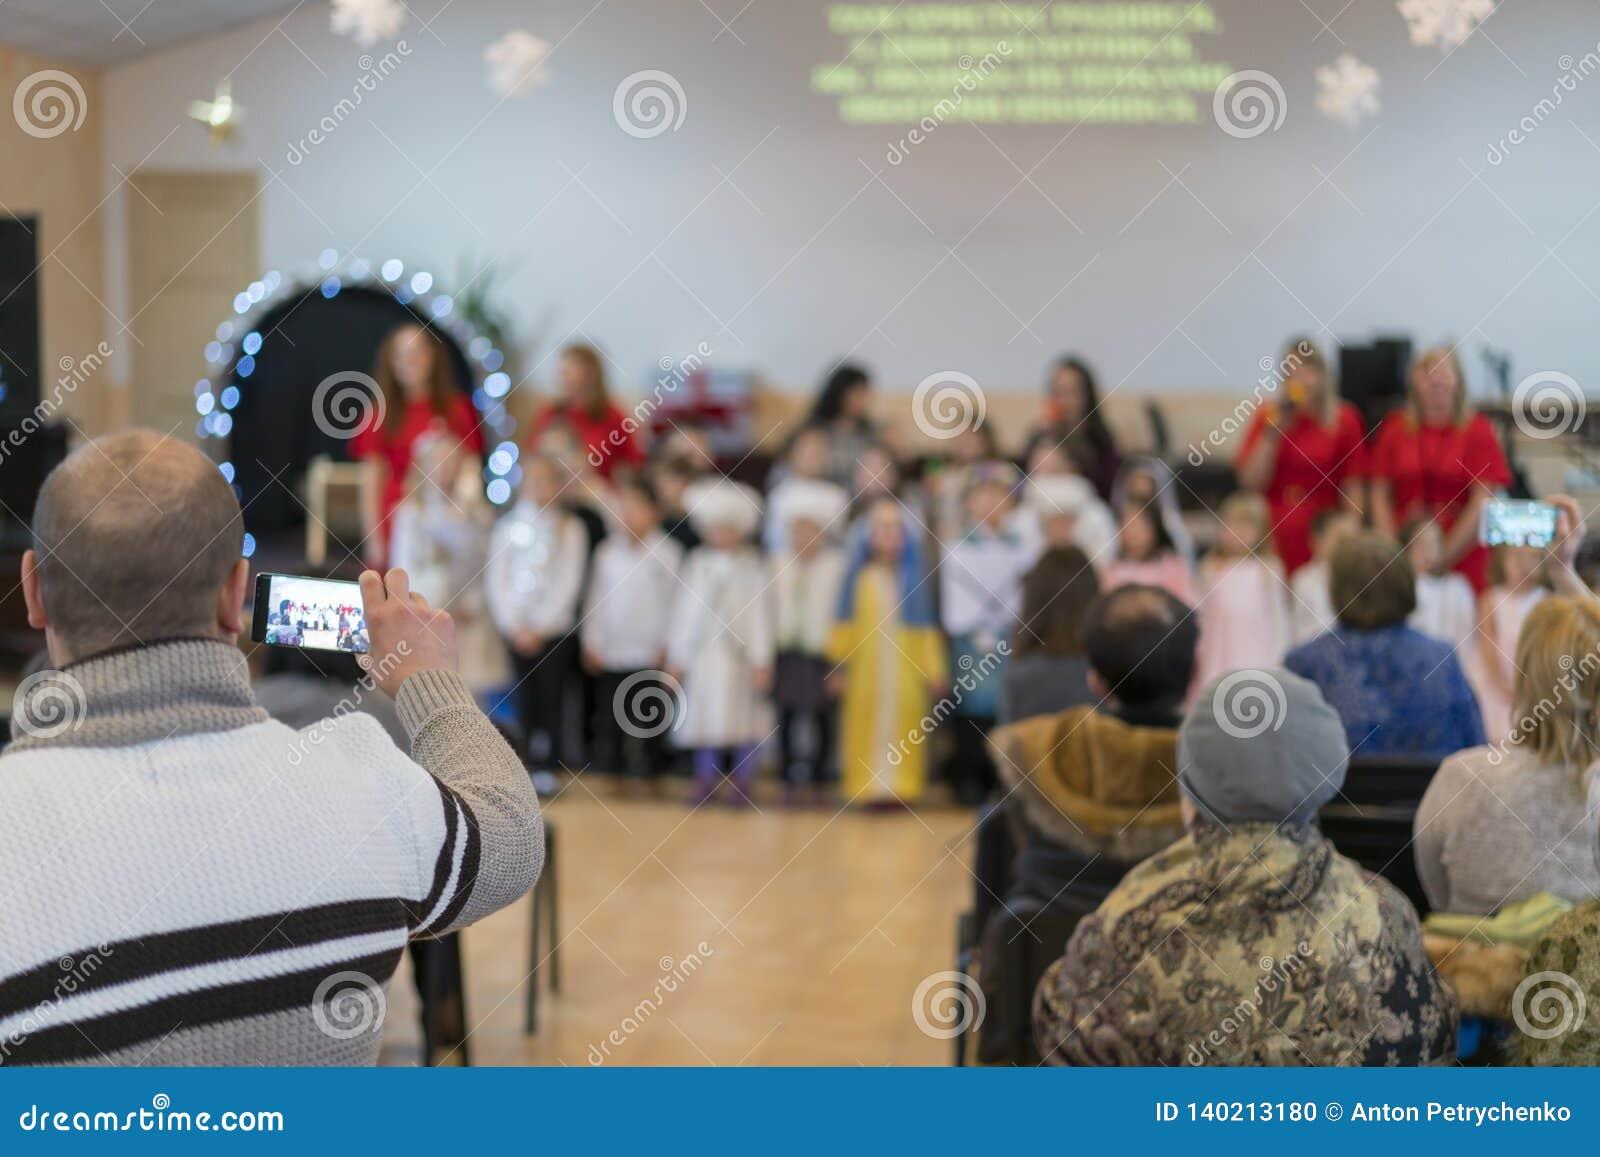 Os pais estão olhando as crianças do desempenho no jardim de infância Um feriado das crianças no jardim de infância blurry